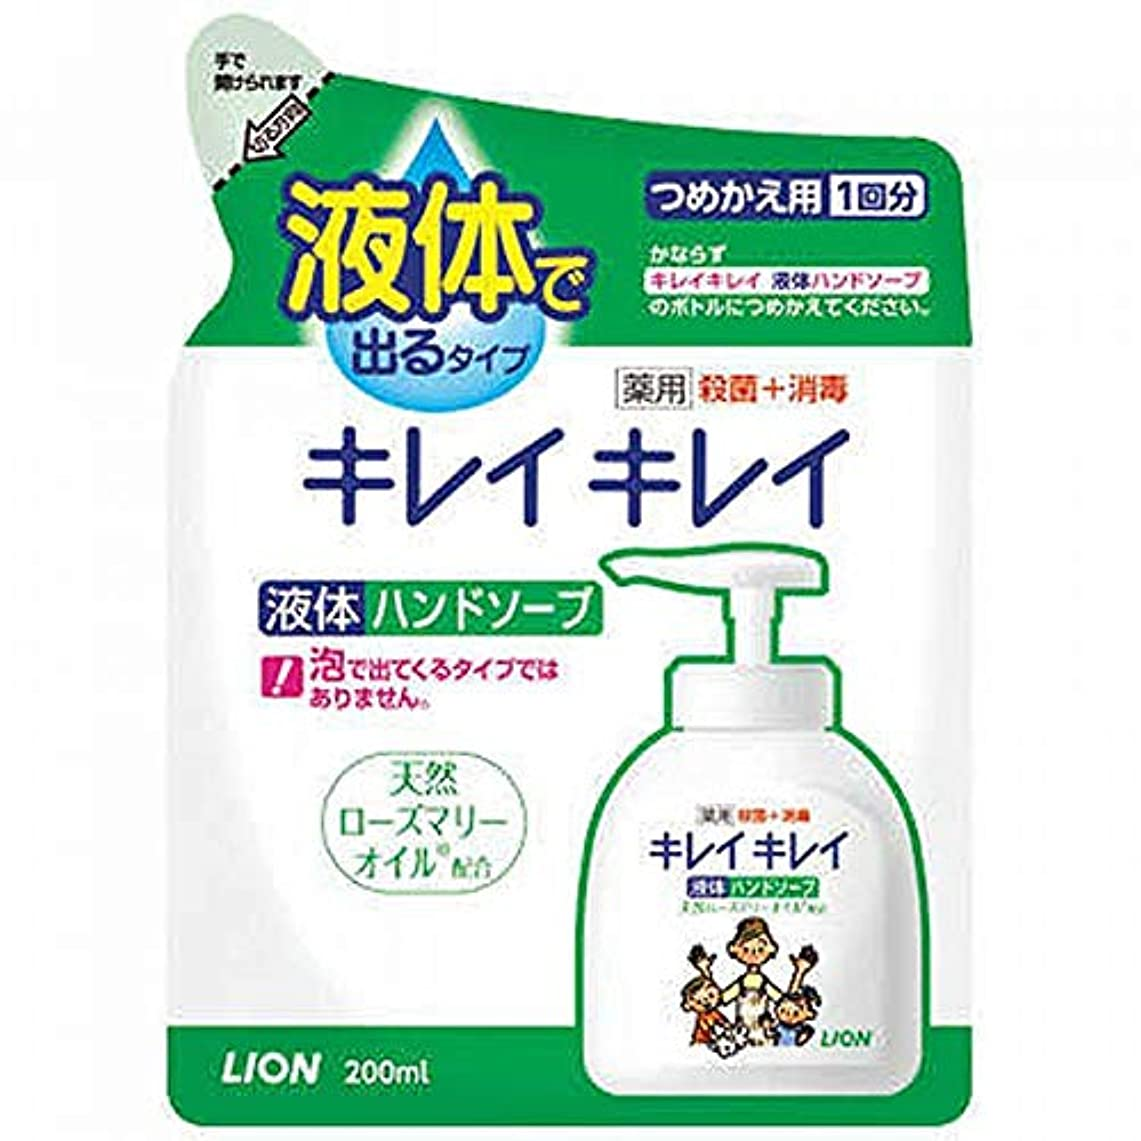 トーン喉が渇いたすみませんライオン キレイキレイ 薬用液体ハンドソープ 詰替 200ml ×2セット